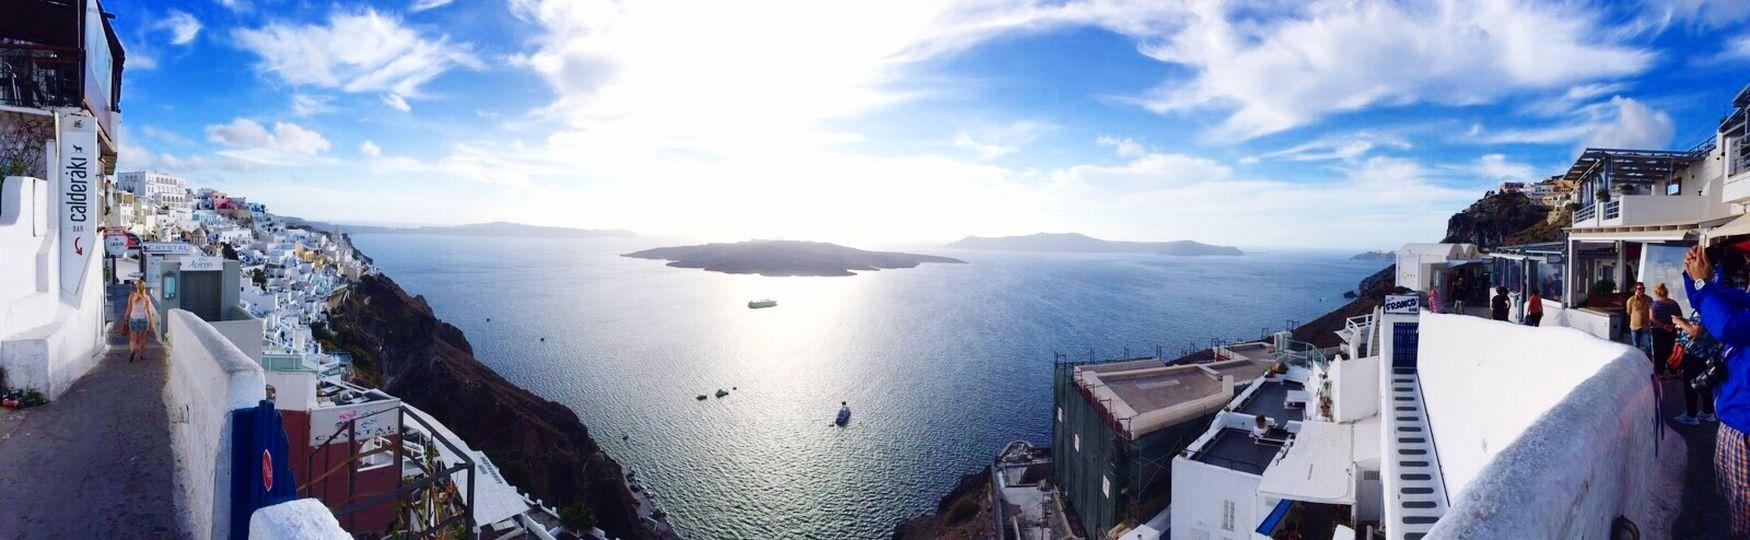 Santorini Greece Santorini Island Panoramas Panoramas Of Santorini